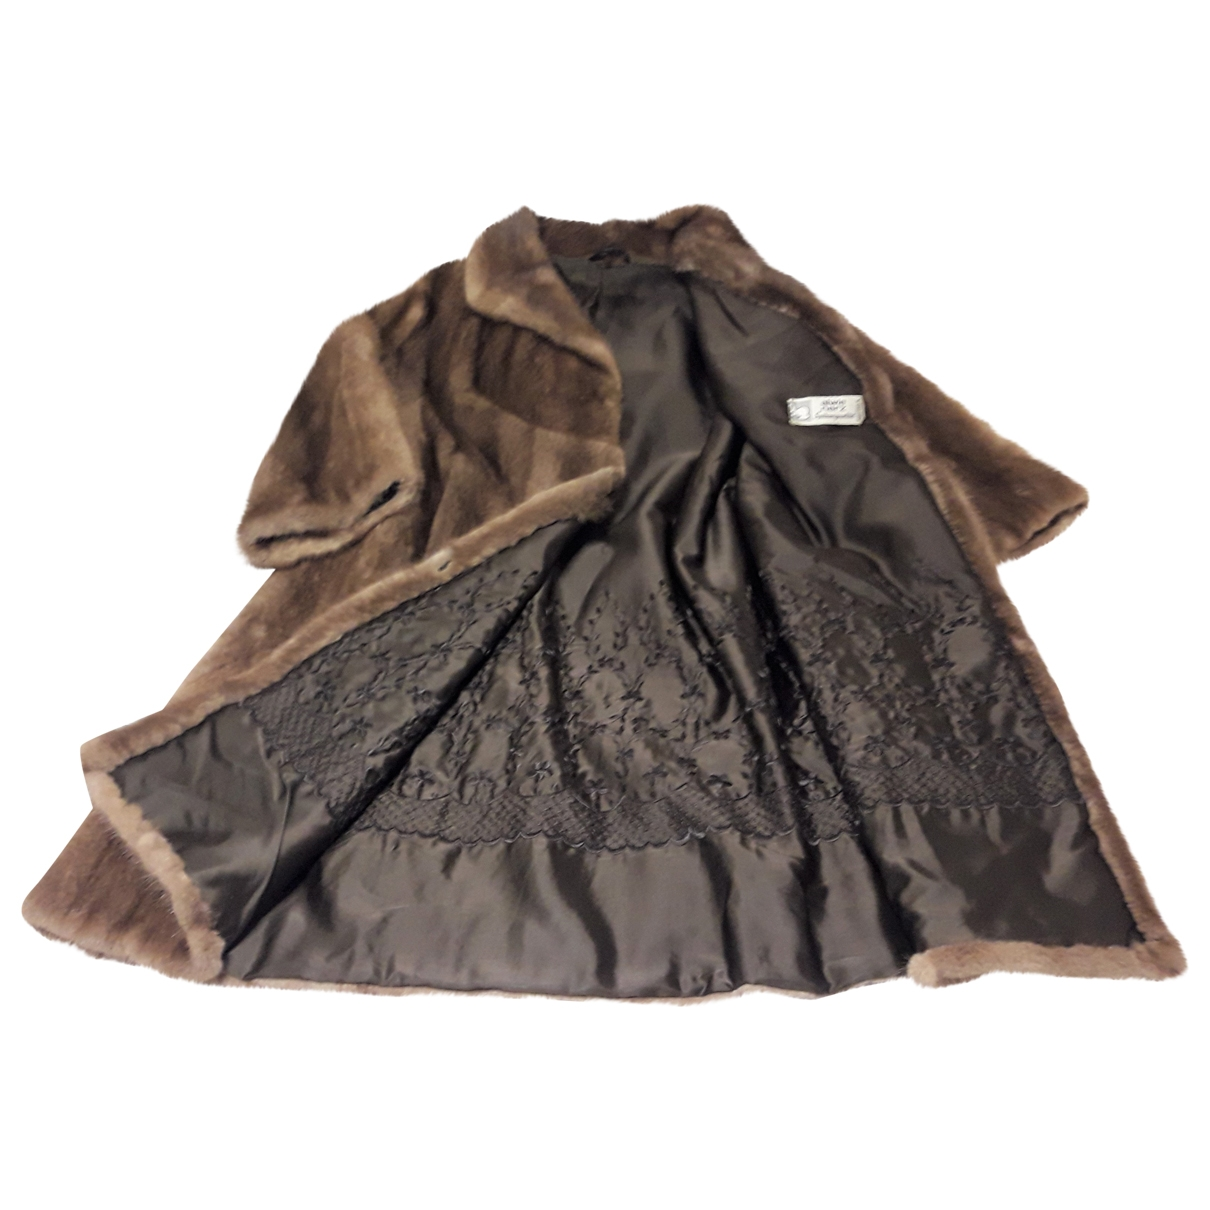 Pellicciai - Manteau   pour femme en vison - beige